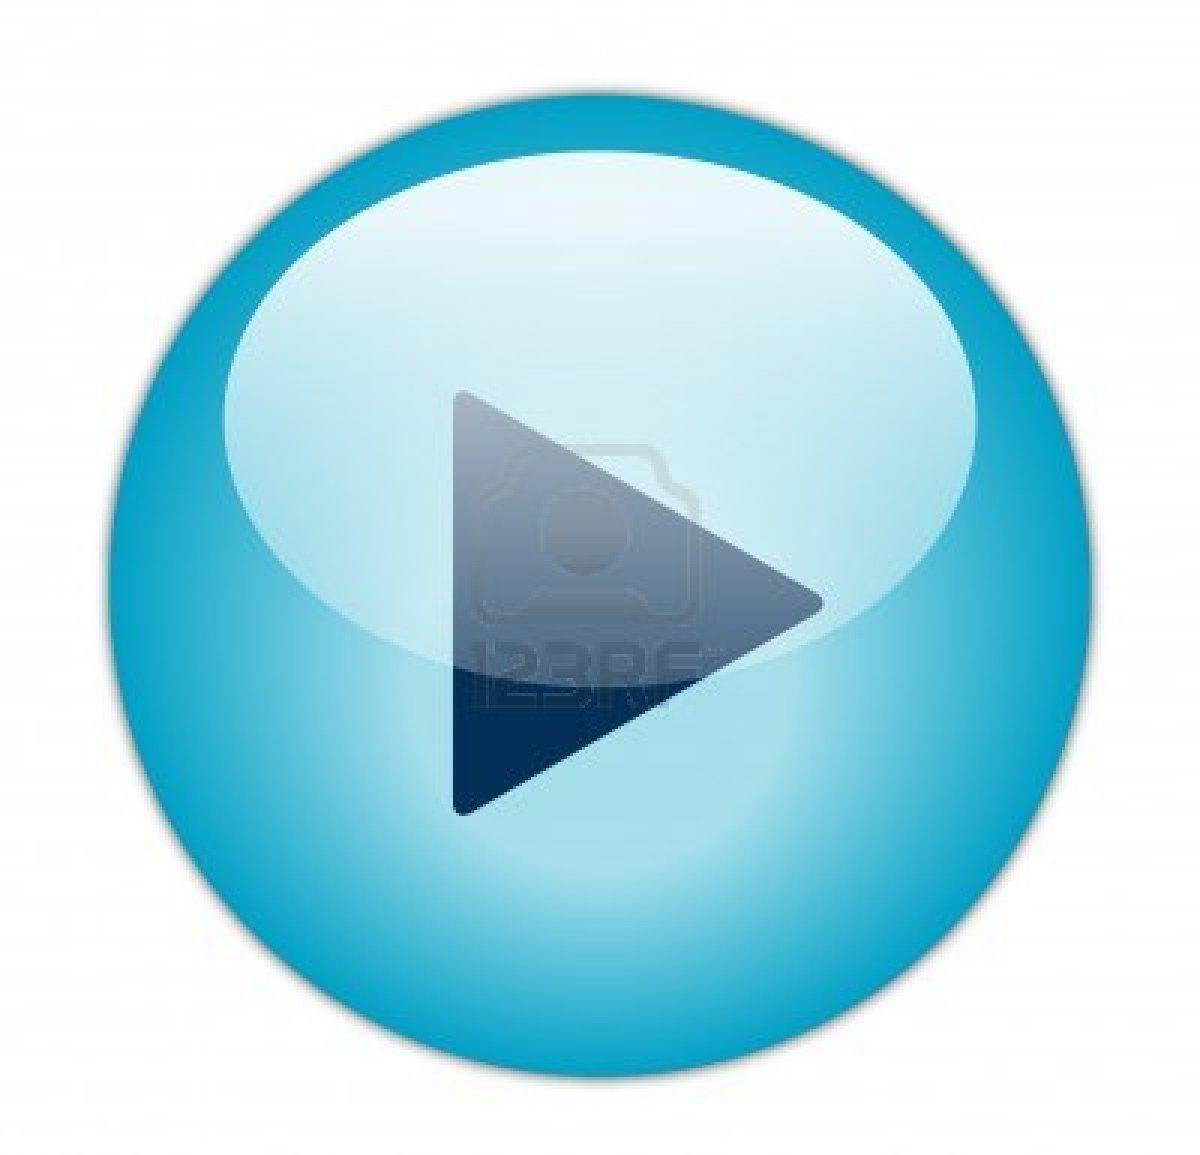 Play Button Music Cute Xe Ui W  Youtube Play Button Logo Vector